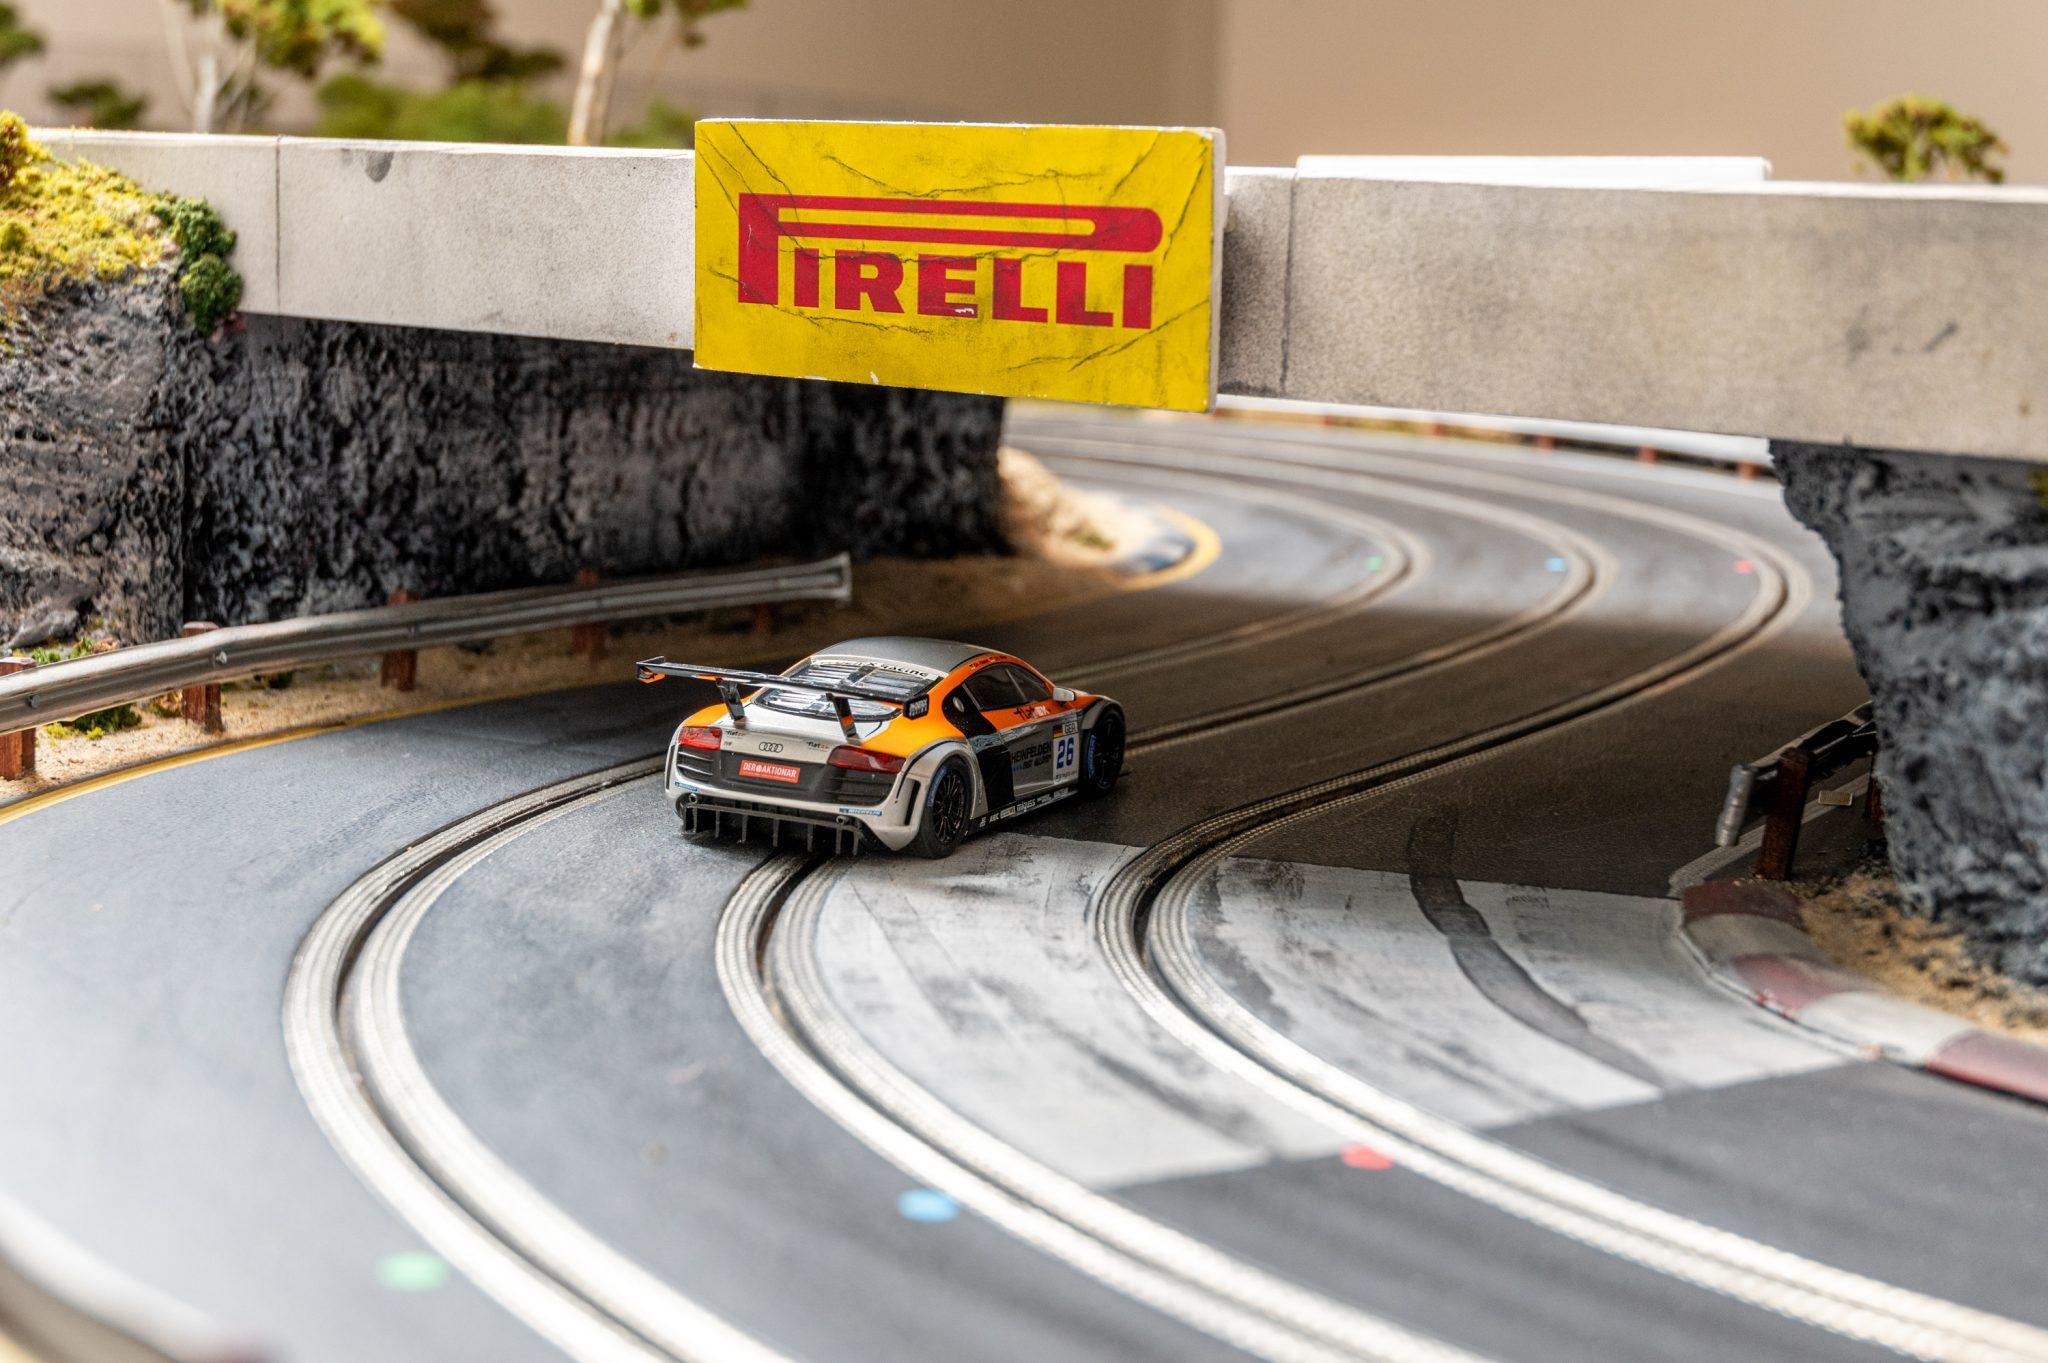 Slot Car Racetrack bridge detail